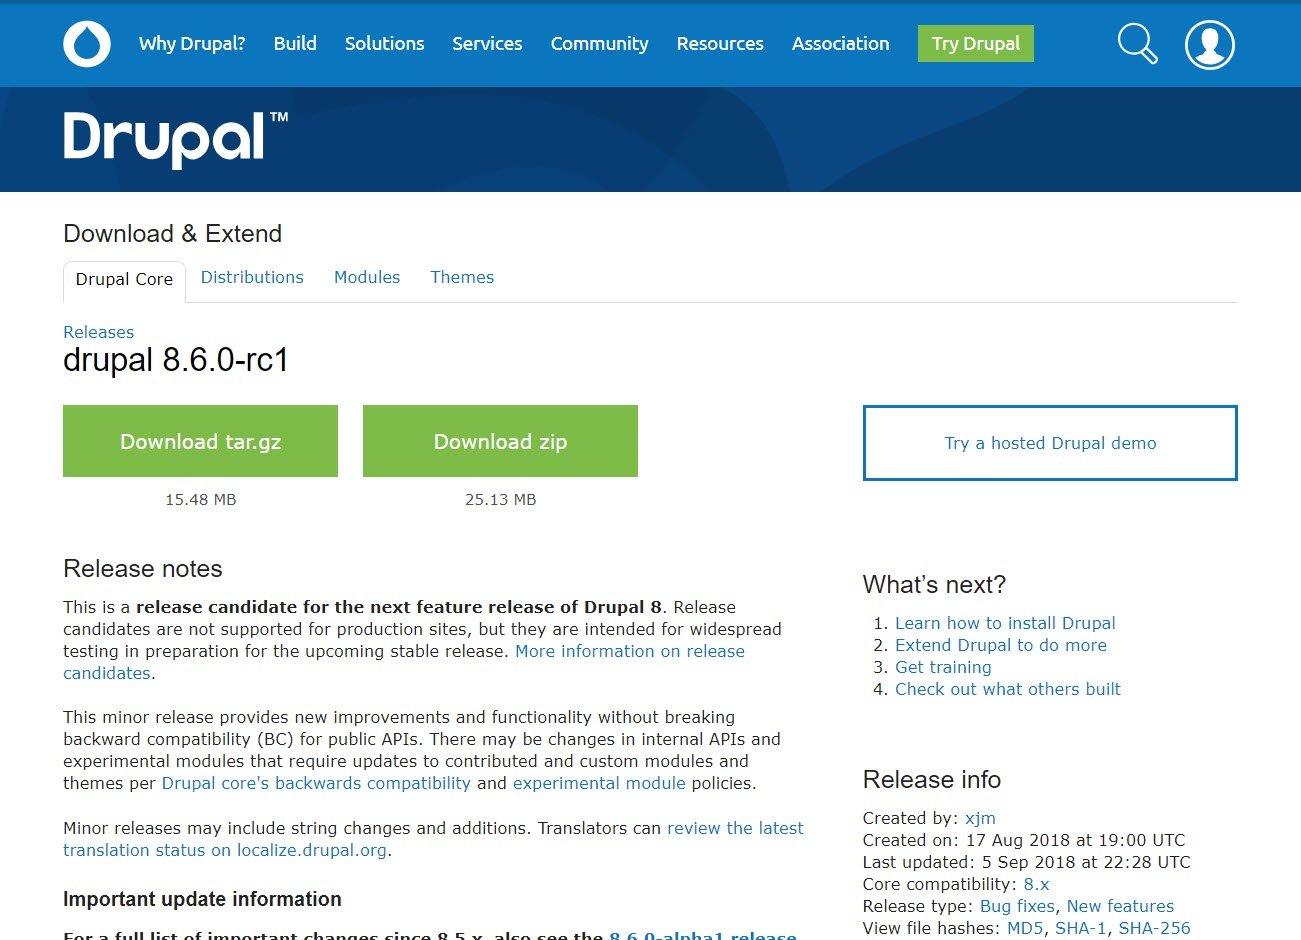 drupal-8-6-0-rc1-update-verbesserungen-fehlerbehebungen-internetblogger-de